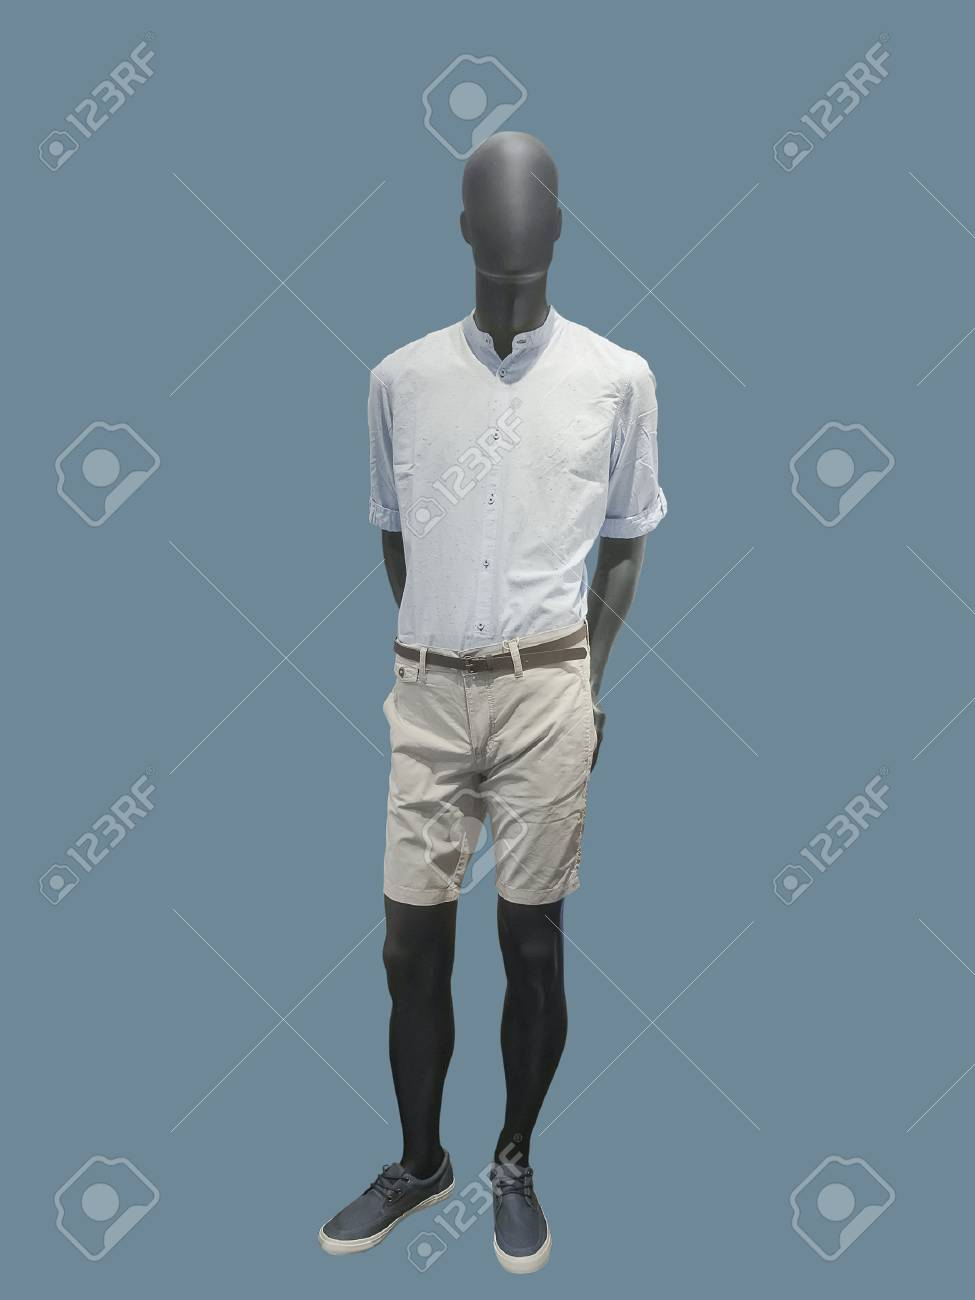 2656e964b0 Foto de archivo - Maniquí masculino integral vestido con ropa casual,  aislado. No nombres de marca u objetos con derechos de autor.